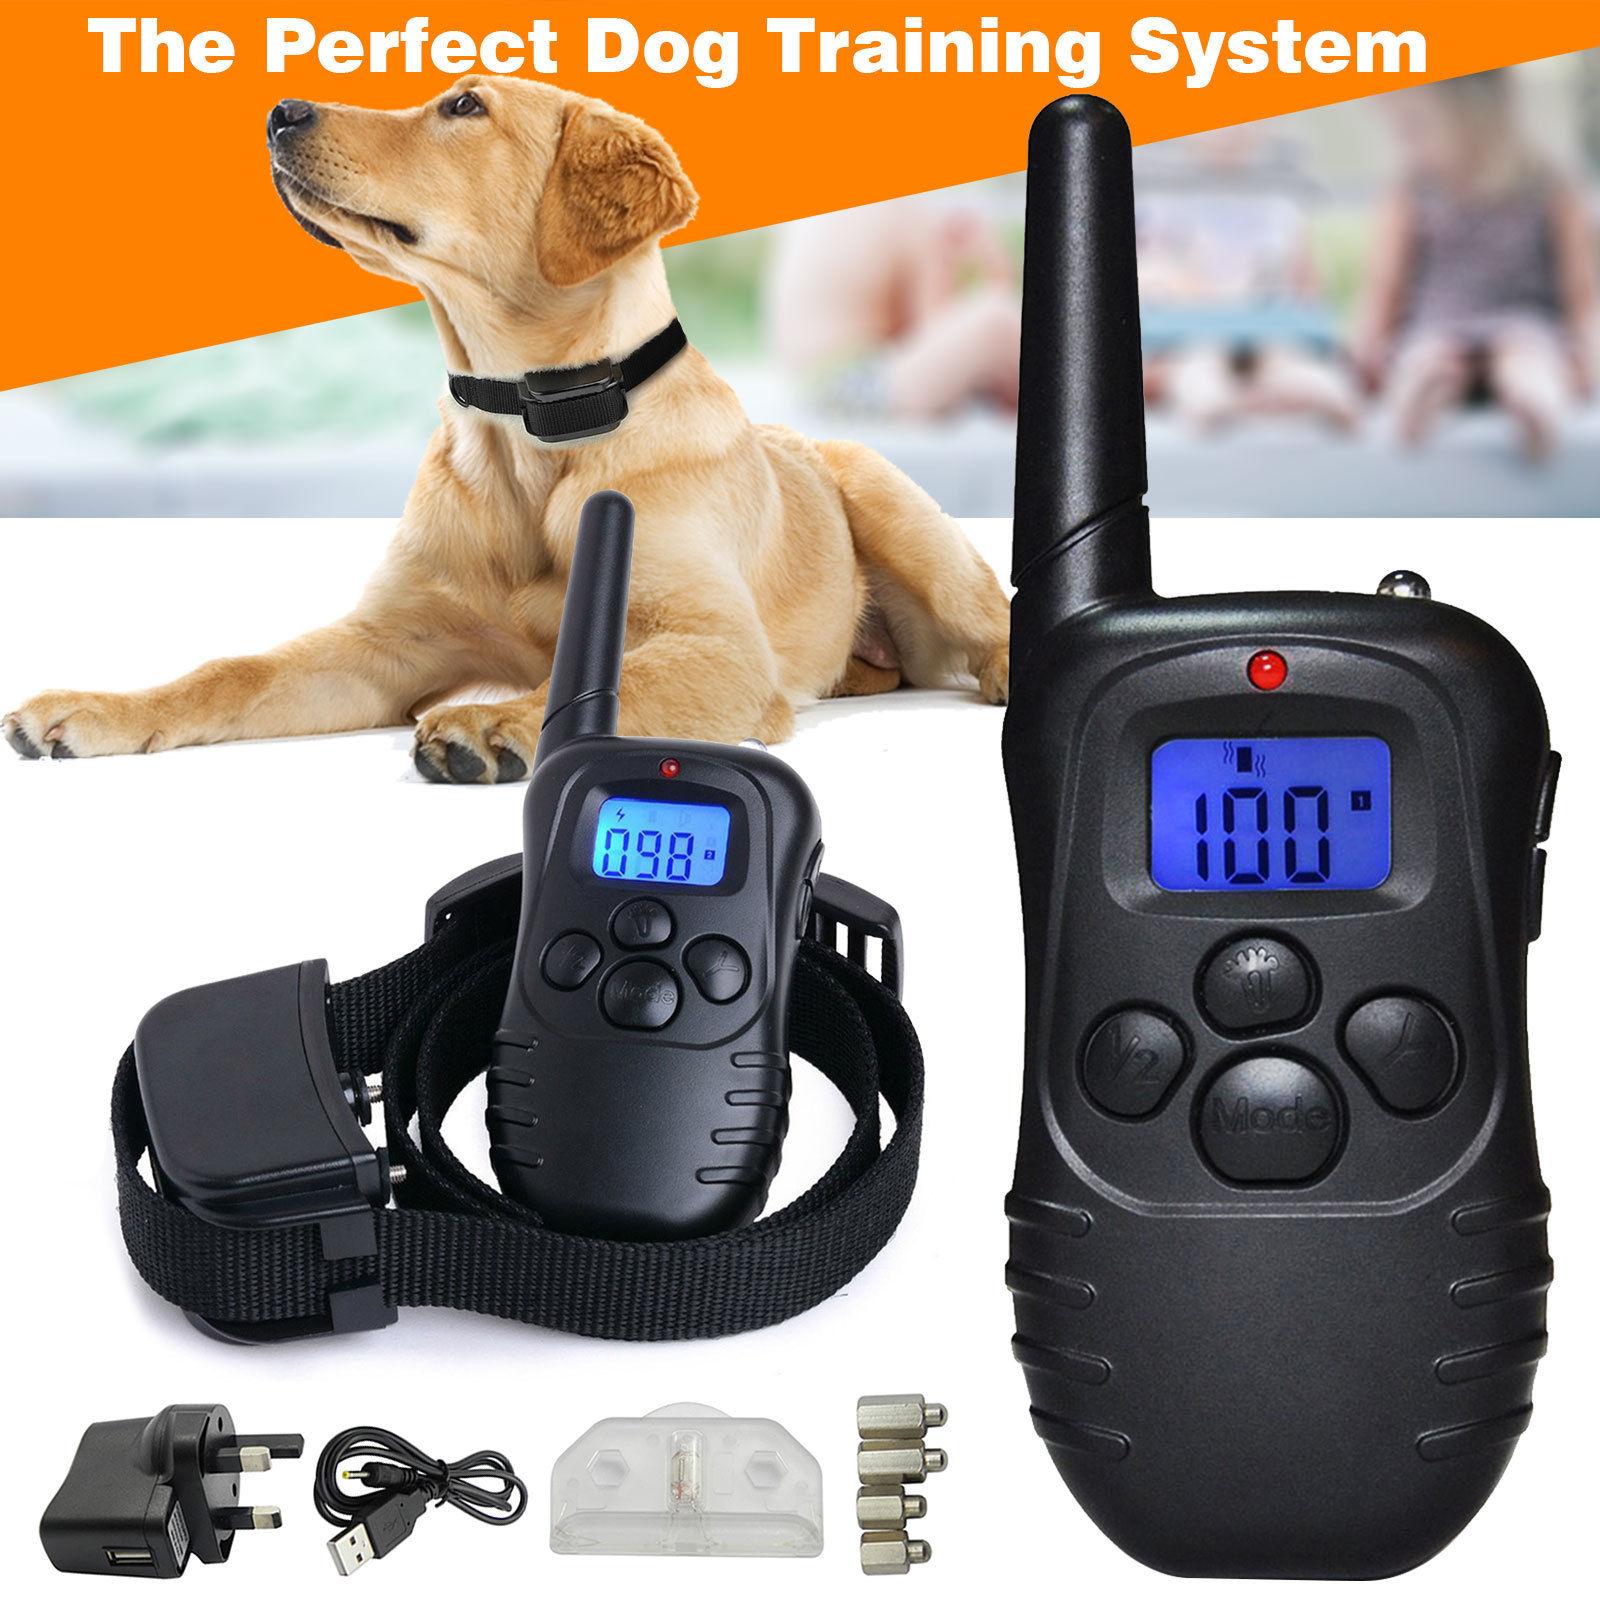 Wiederaufladbar Elektrisch Hund E-Collar Erziehungshalsband Ferntrainer Antibell